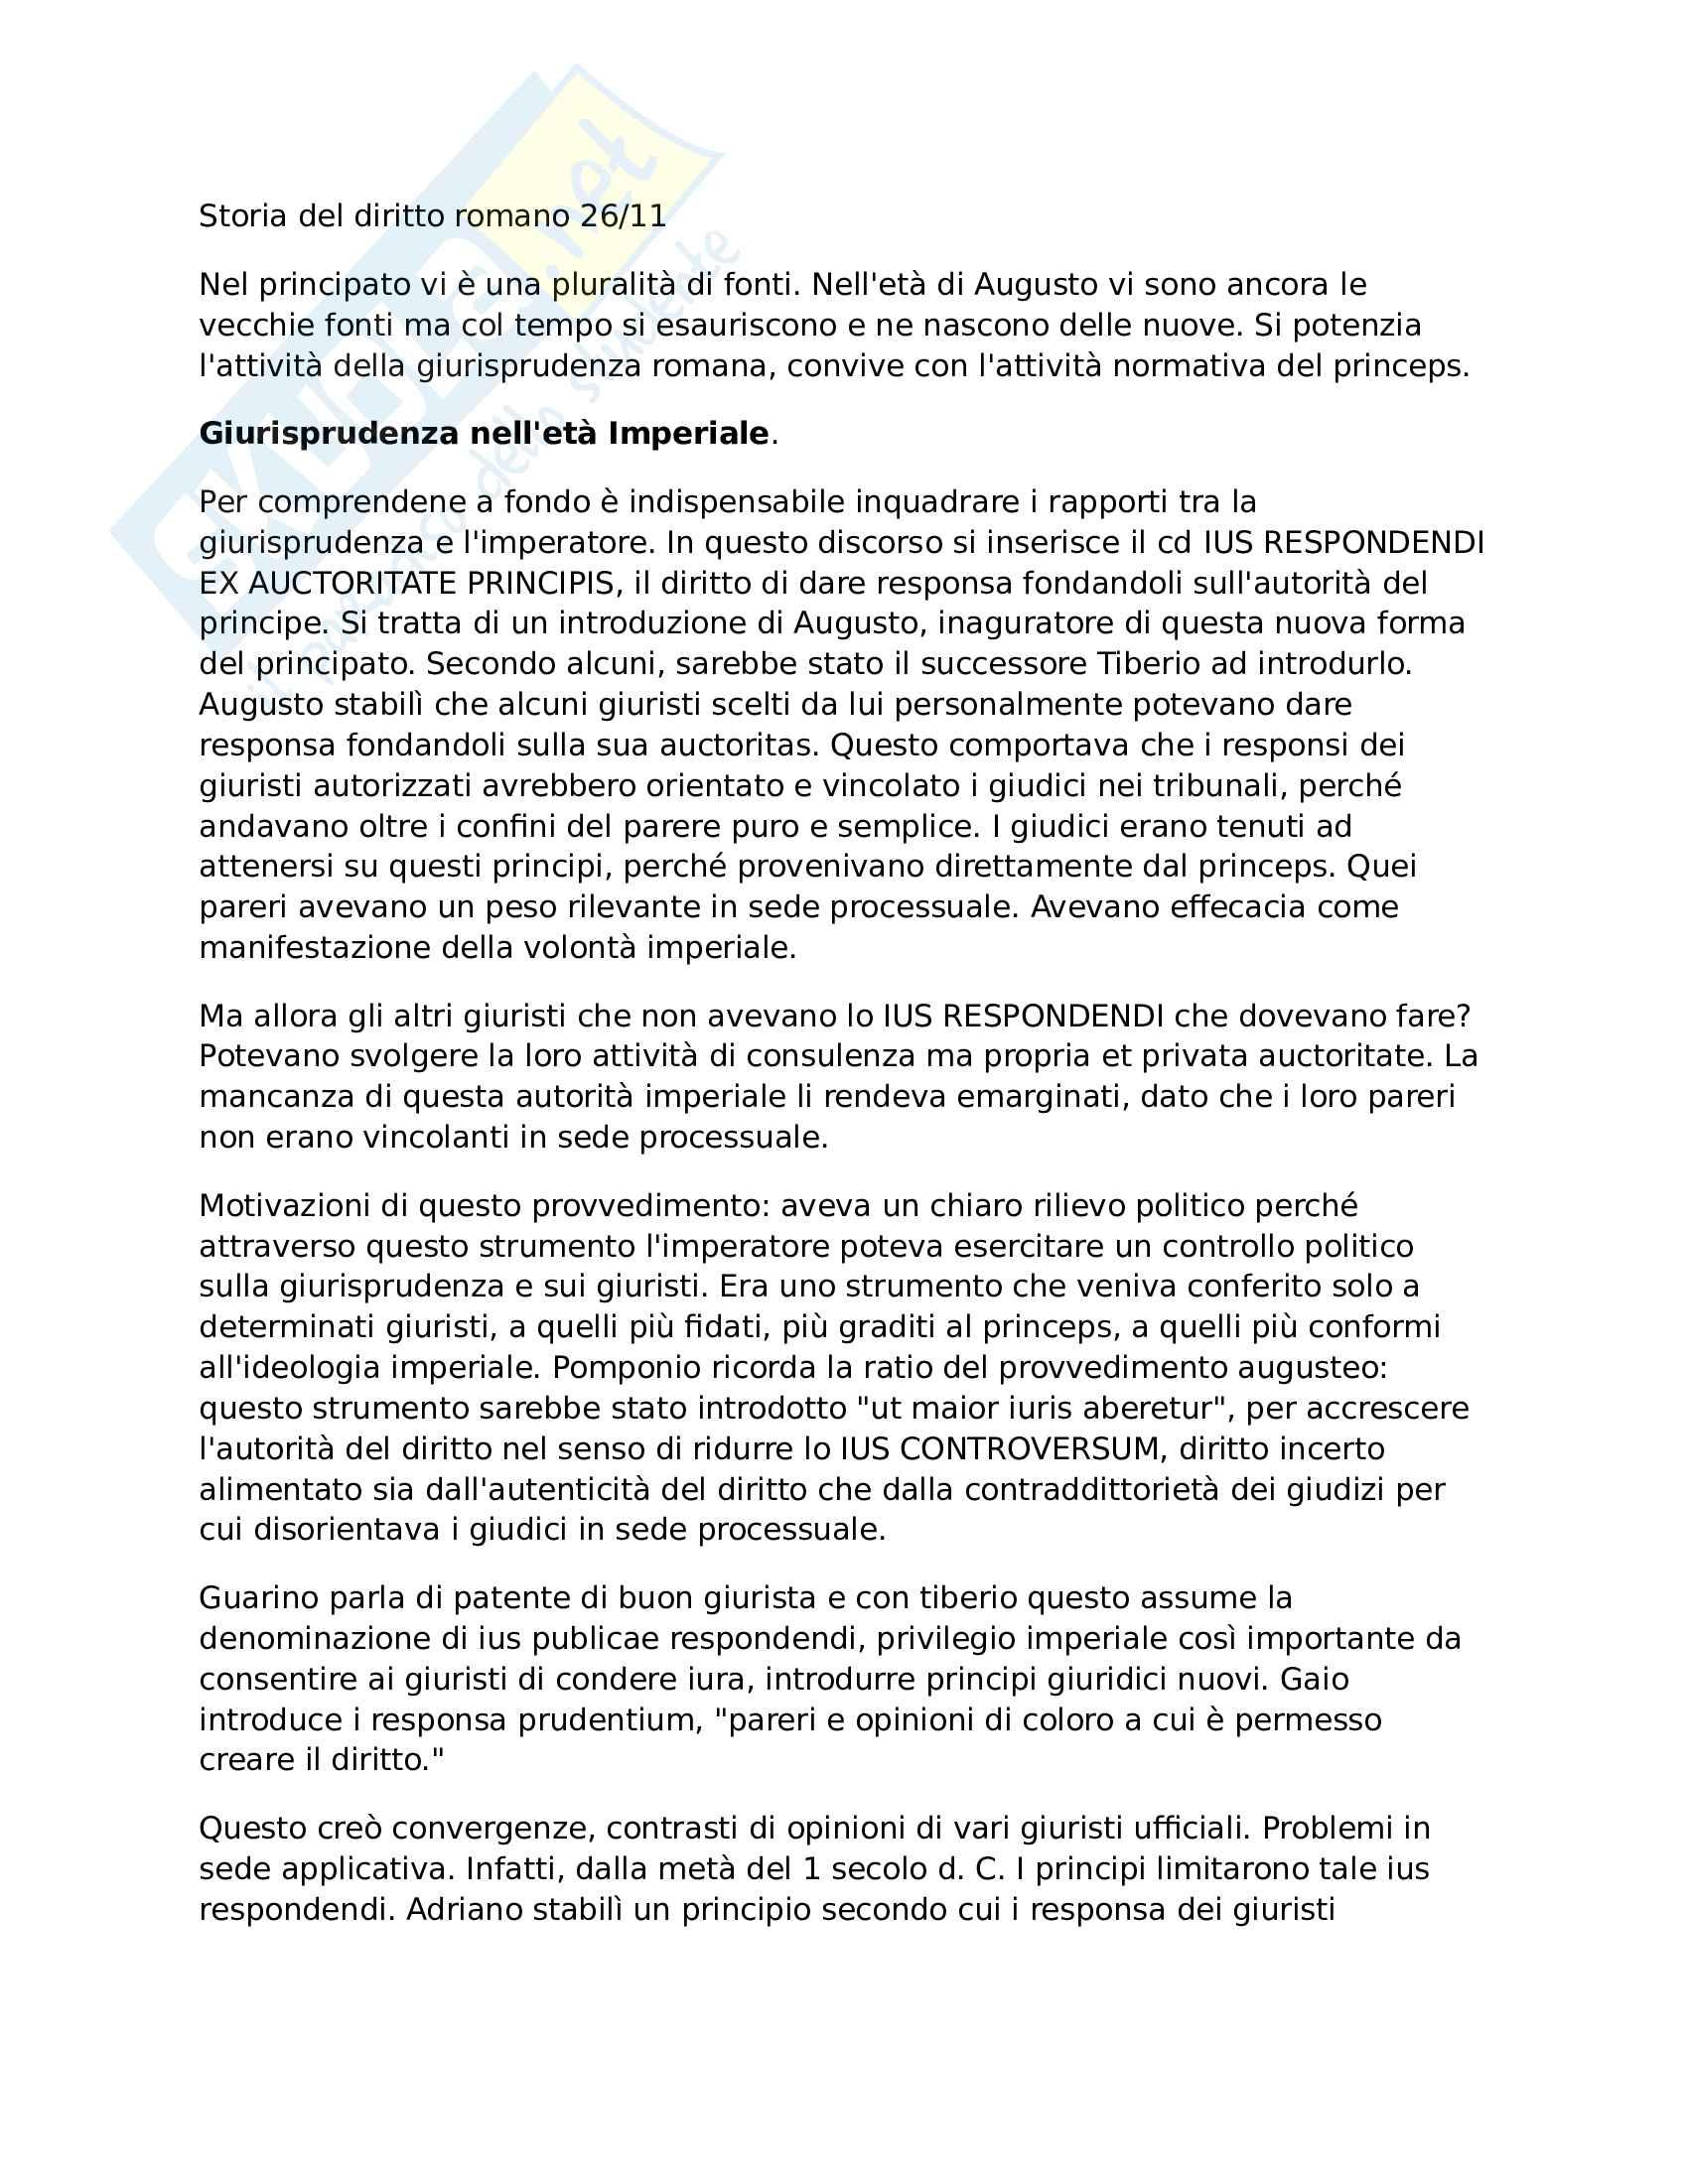 Storia del diritto romano: Giurisprudenza nell'età Imperiale Pag. 1